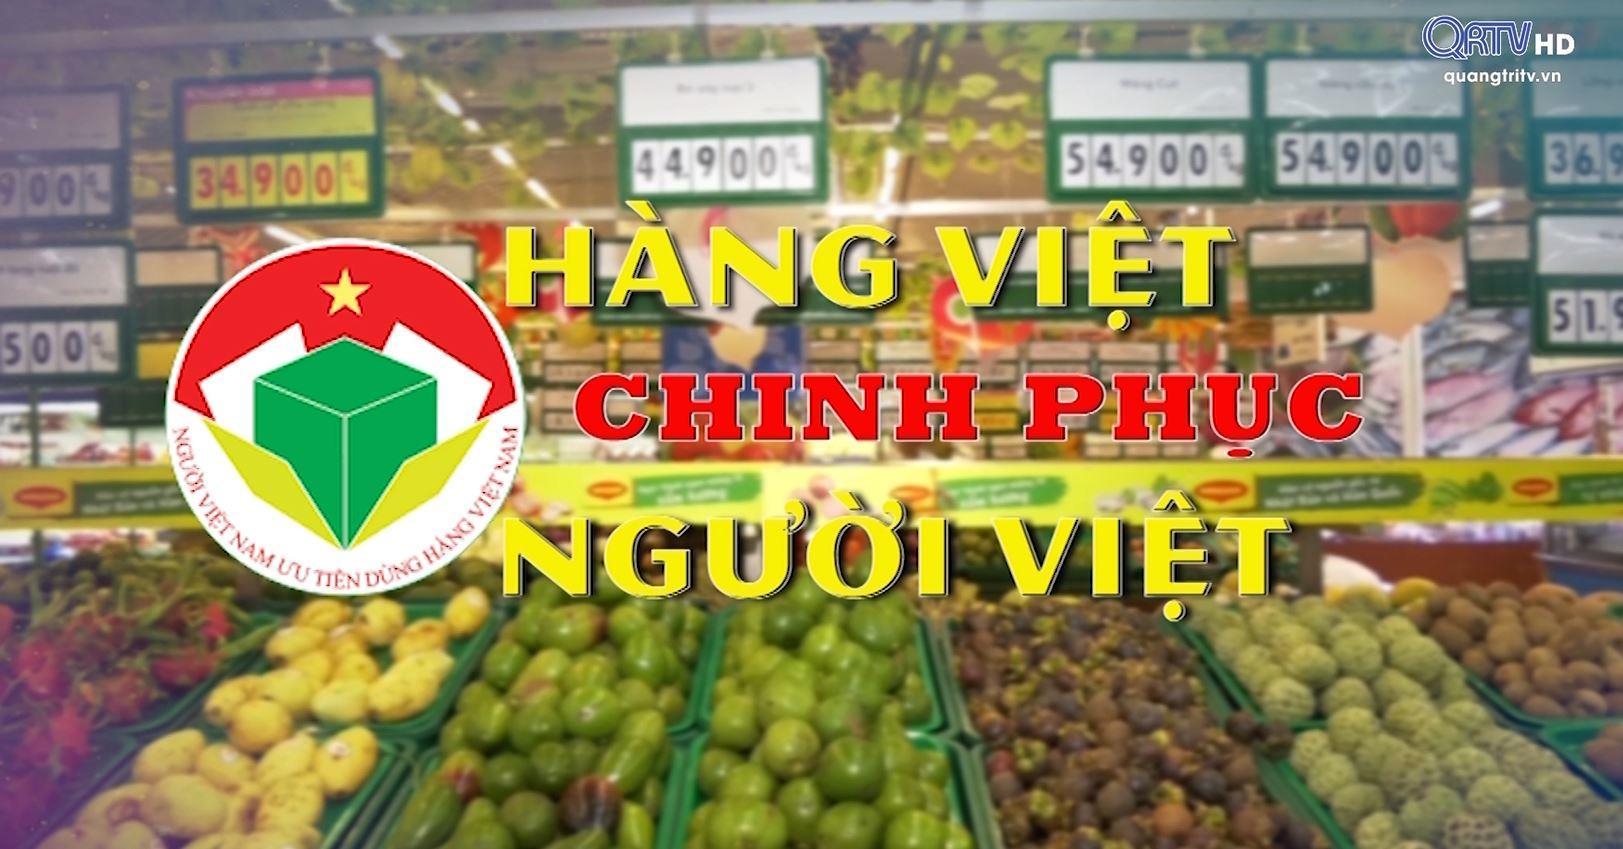 Hàng việt chinh phục người Việt (14.04.2021)